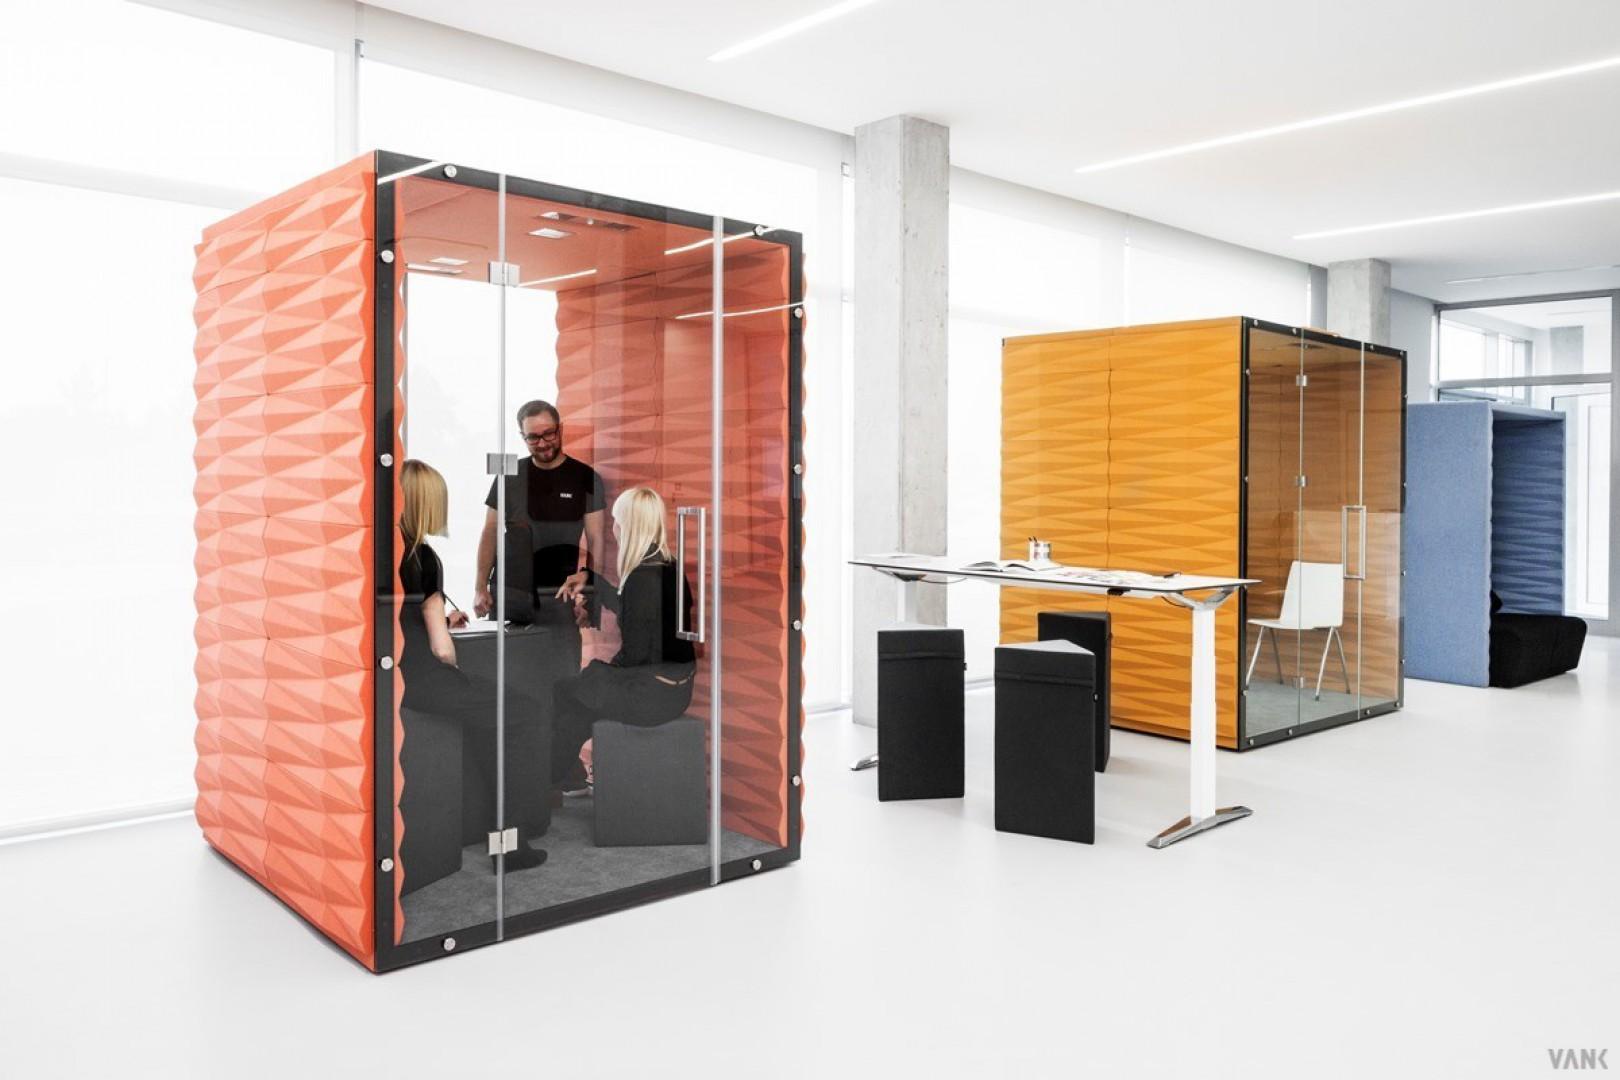 Miejsca do kameralnych spotkań powinny znaleźć się w każdym biurze. Fot. Vank/Everspace